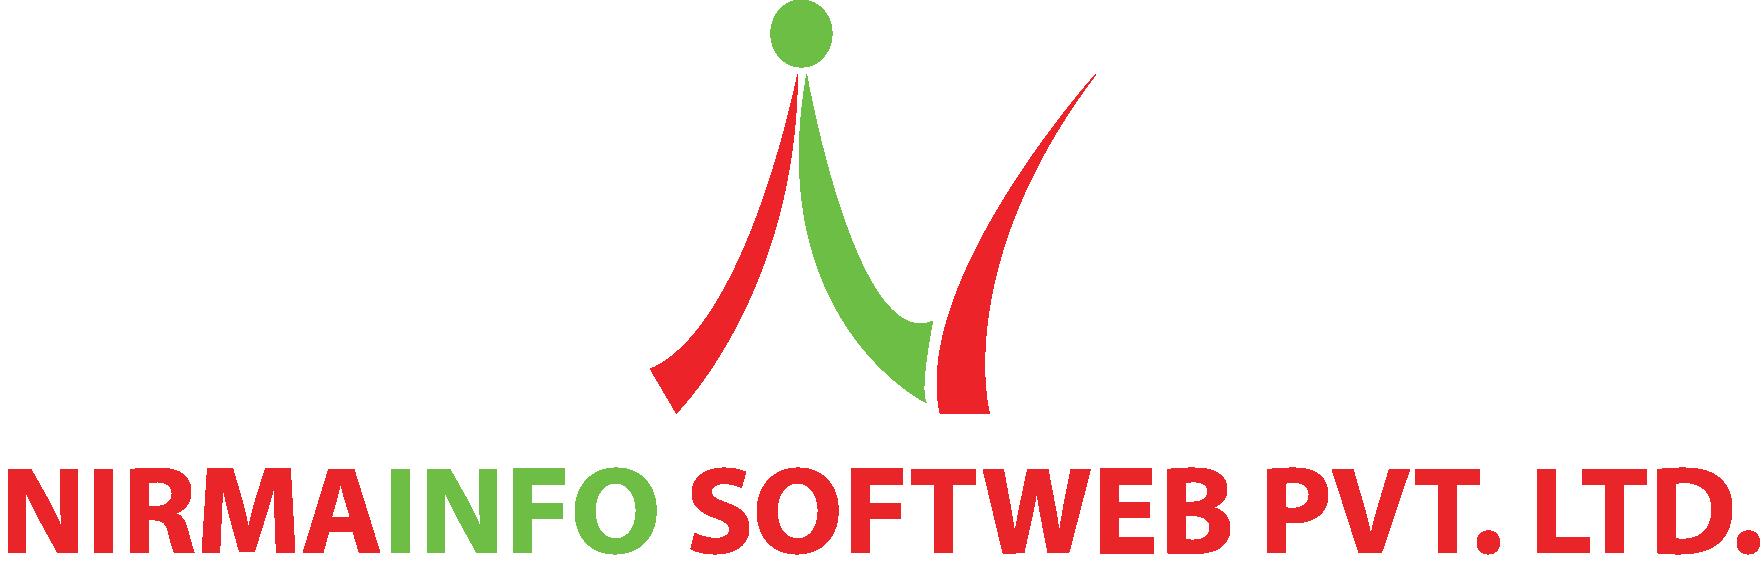 Nirmainfo Softweb Pvt. Ltd. Logo